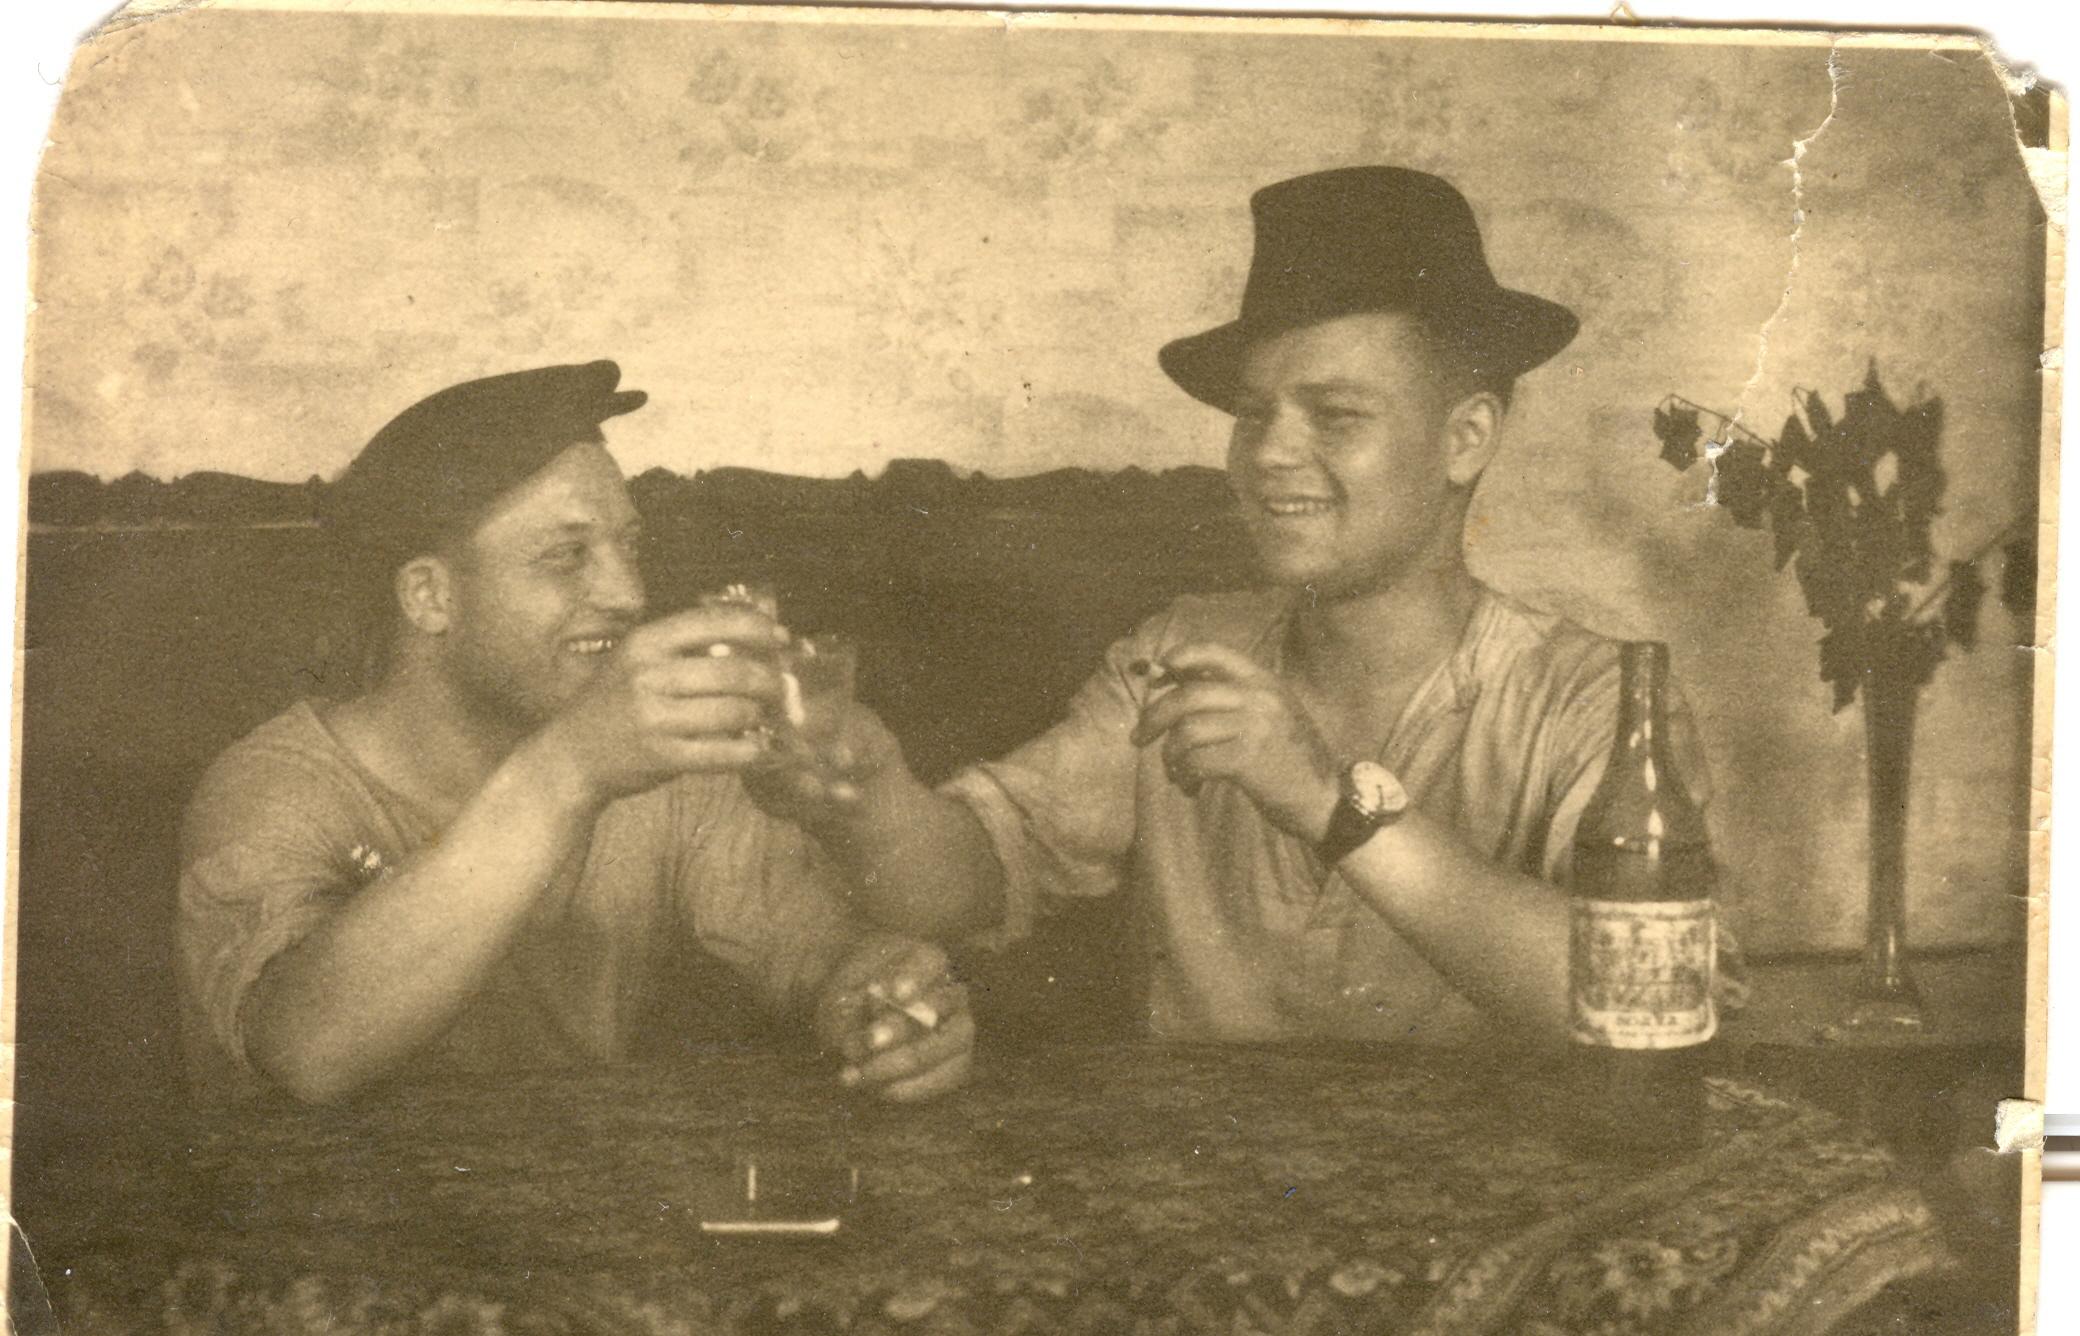 Victory-Pernau-1945.jpg